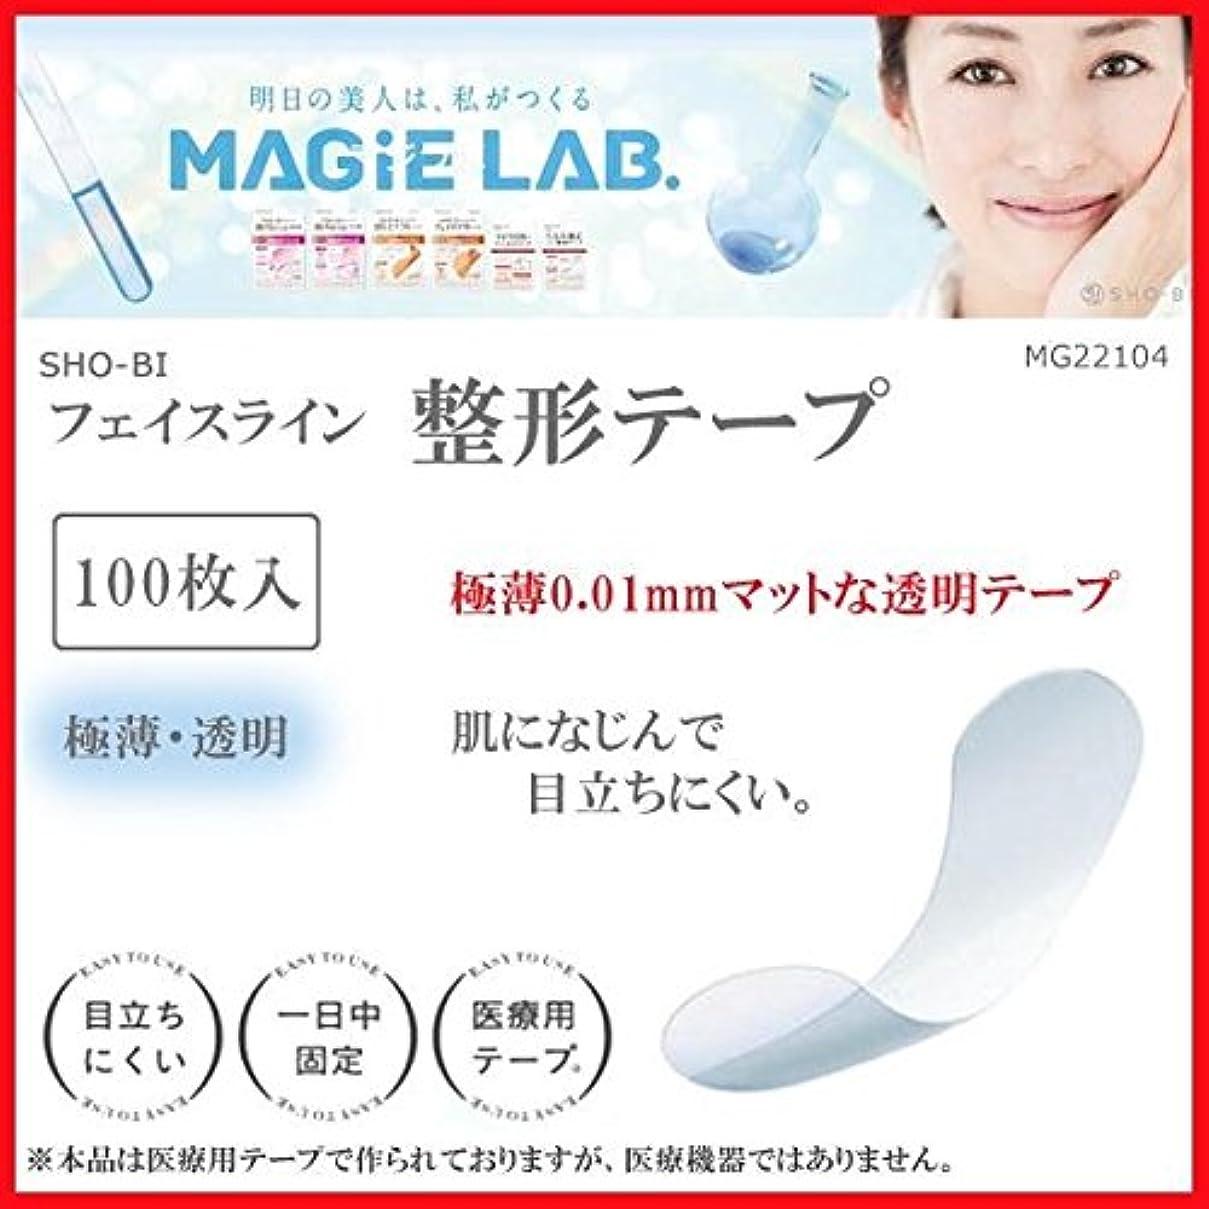 無限計画王子SHO-BI MAGiE LAB.(マジラボ) フェイスライン整形テープ 100枚入 MG22104